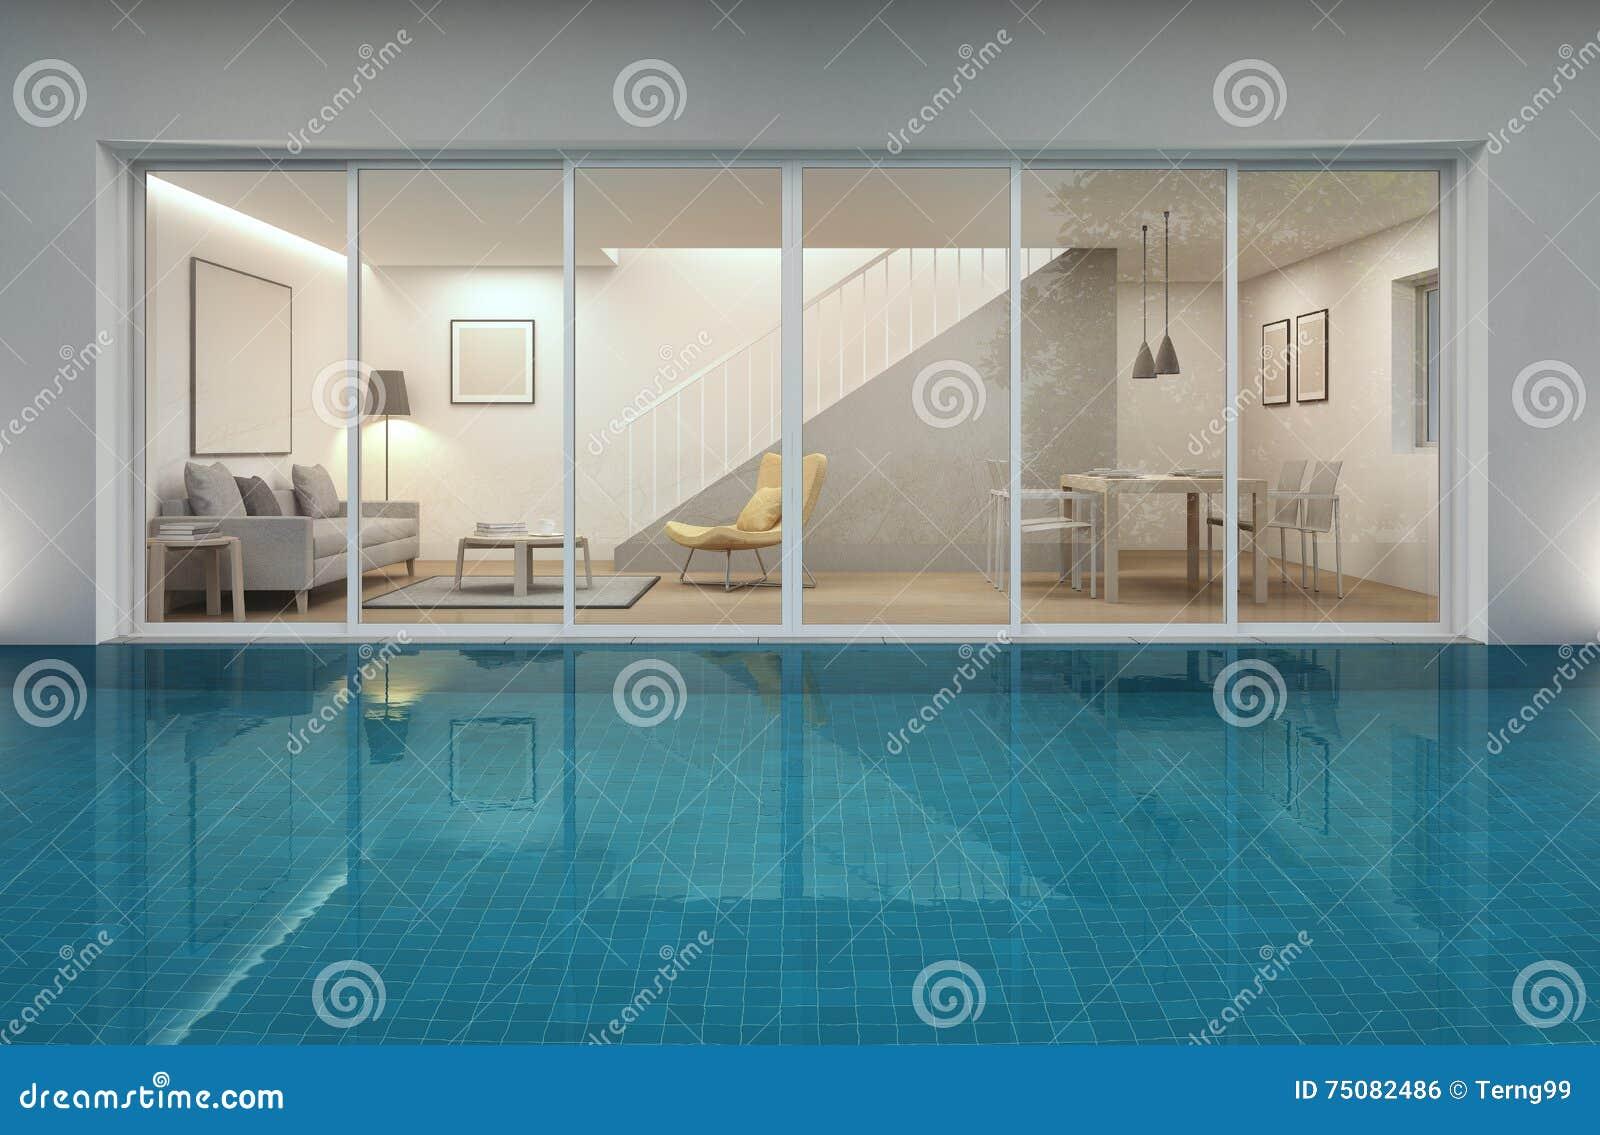 Salone sala da pranzo e piscina in casa moderna for Salone casa moderna